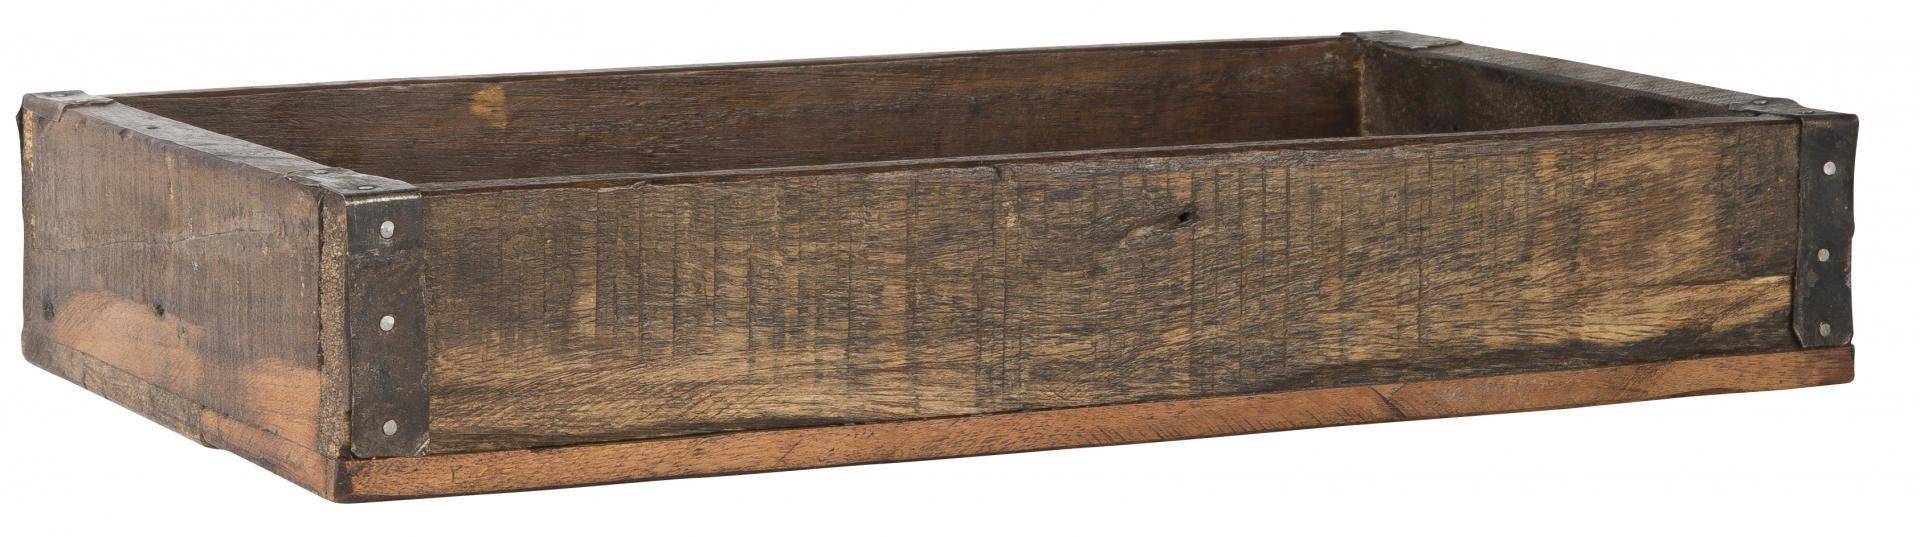 IB LAURSEN Box z recyklovaného dřeva, hnědá barva, dřevo